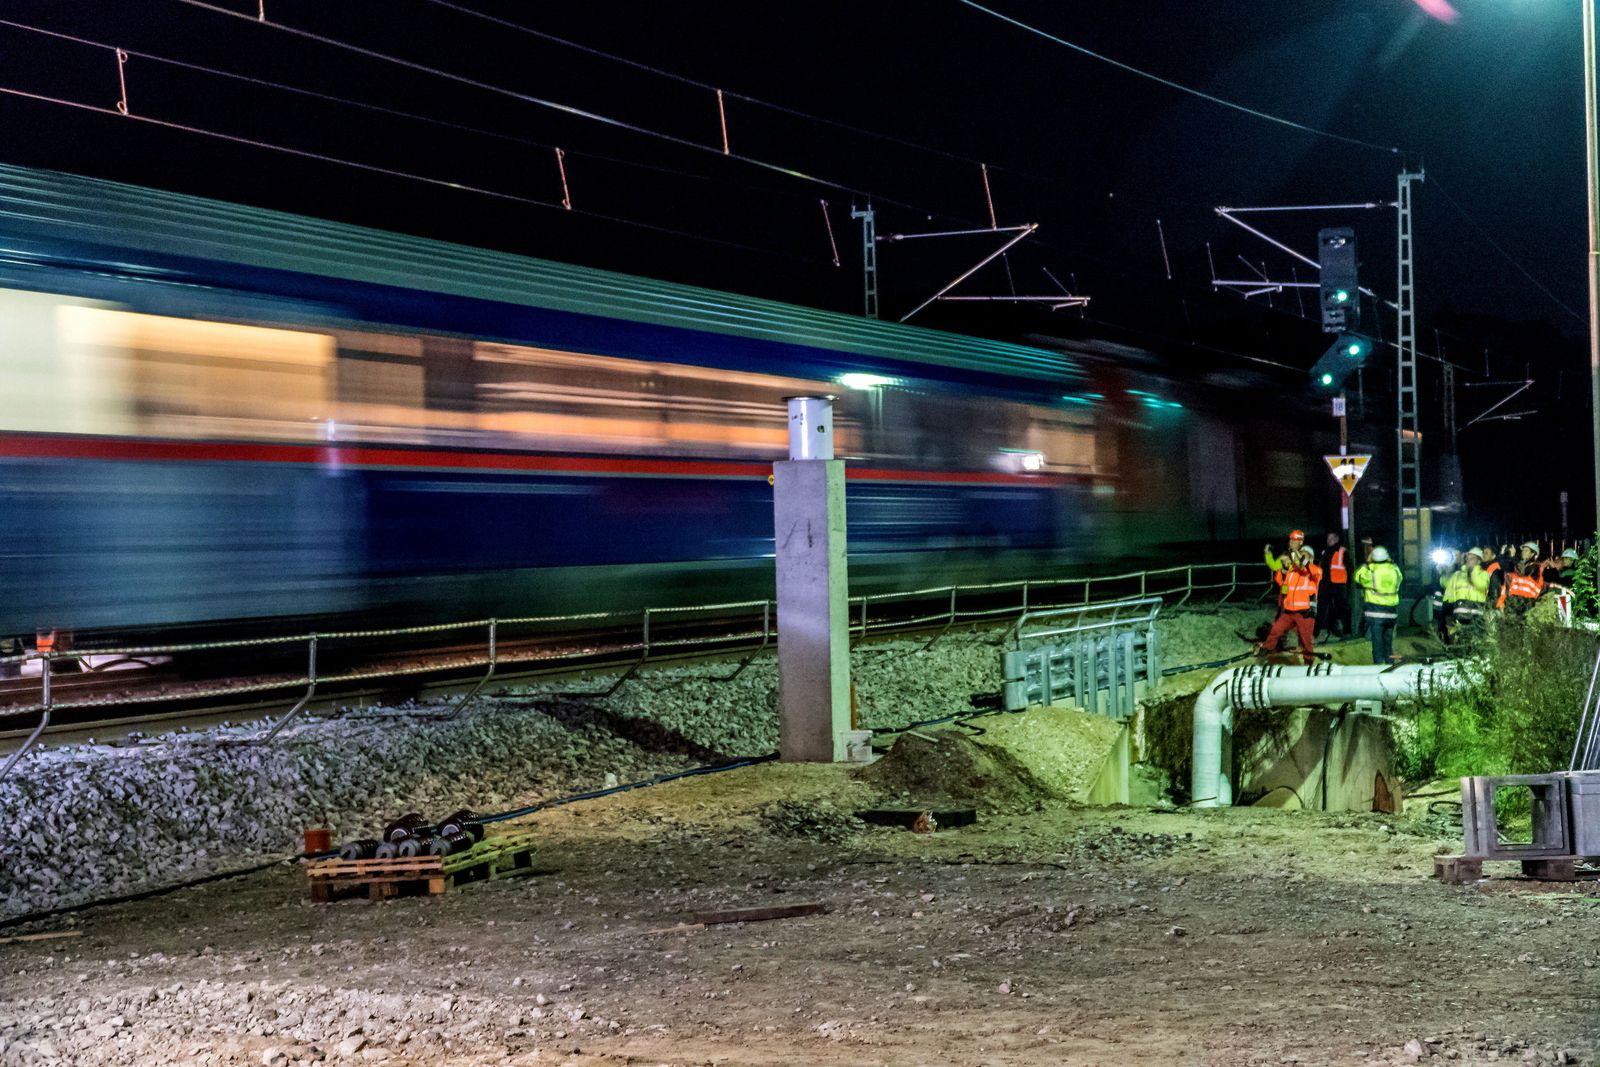 Zugbetrieb auf der Rheintalbahn wieder angelaufen